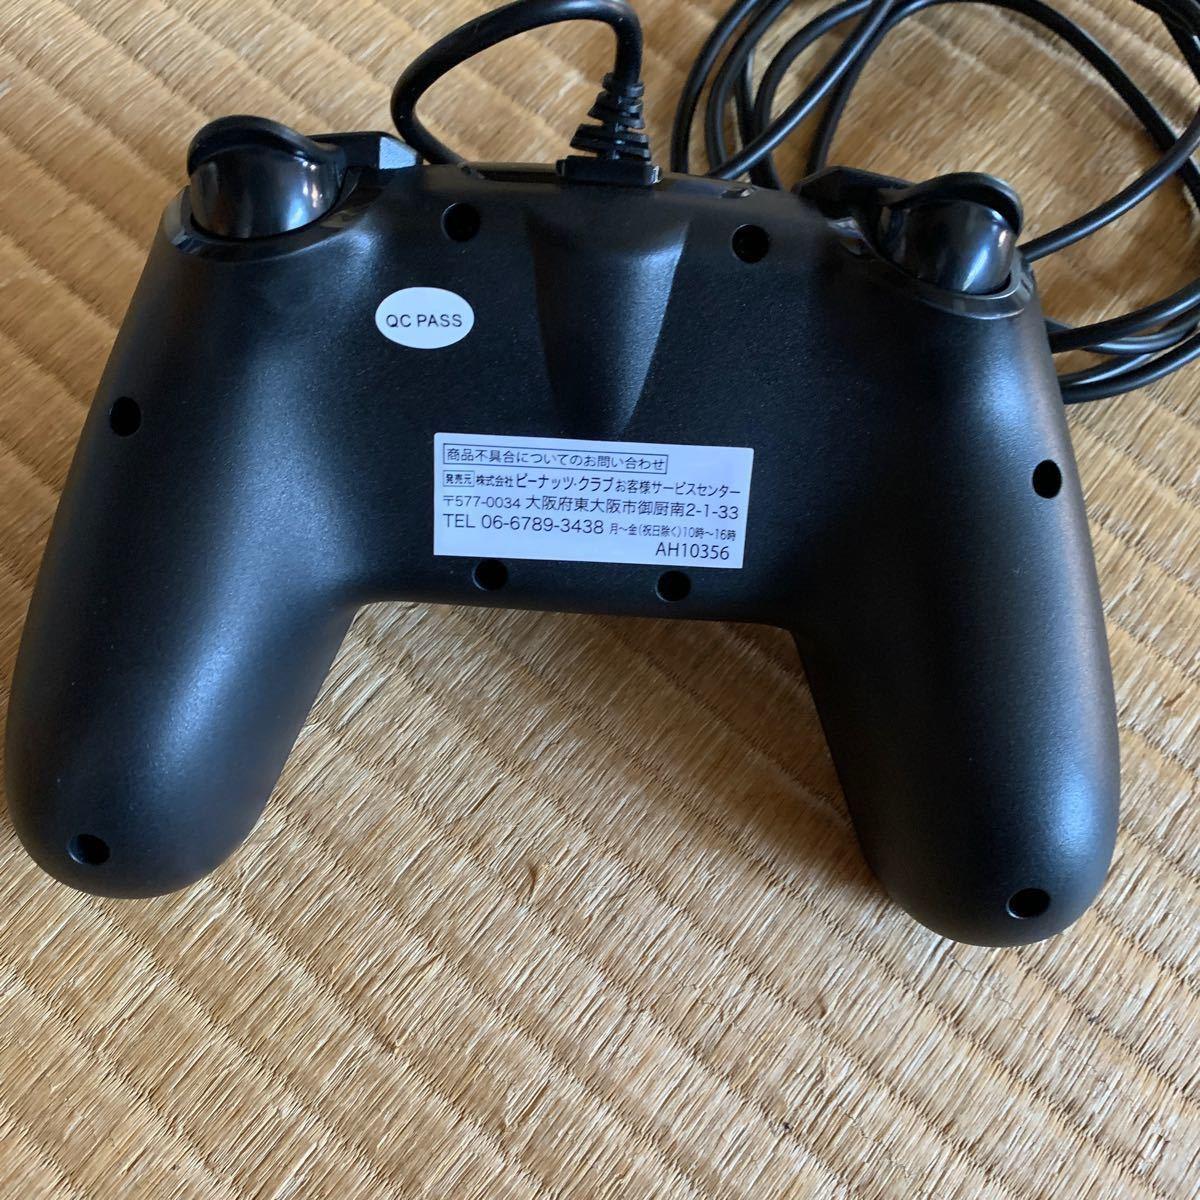 任天堂Switch対応コントローラー